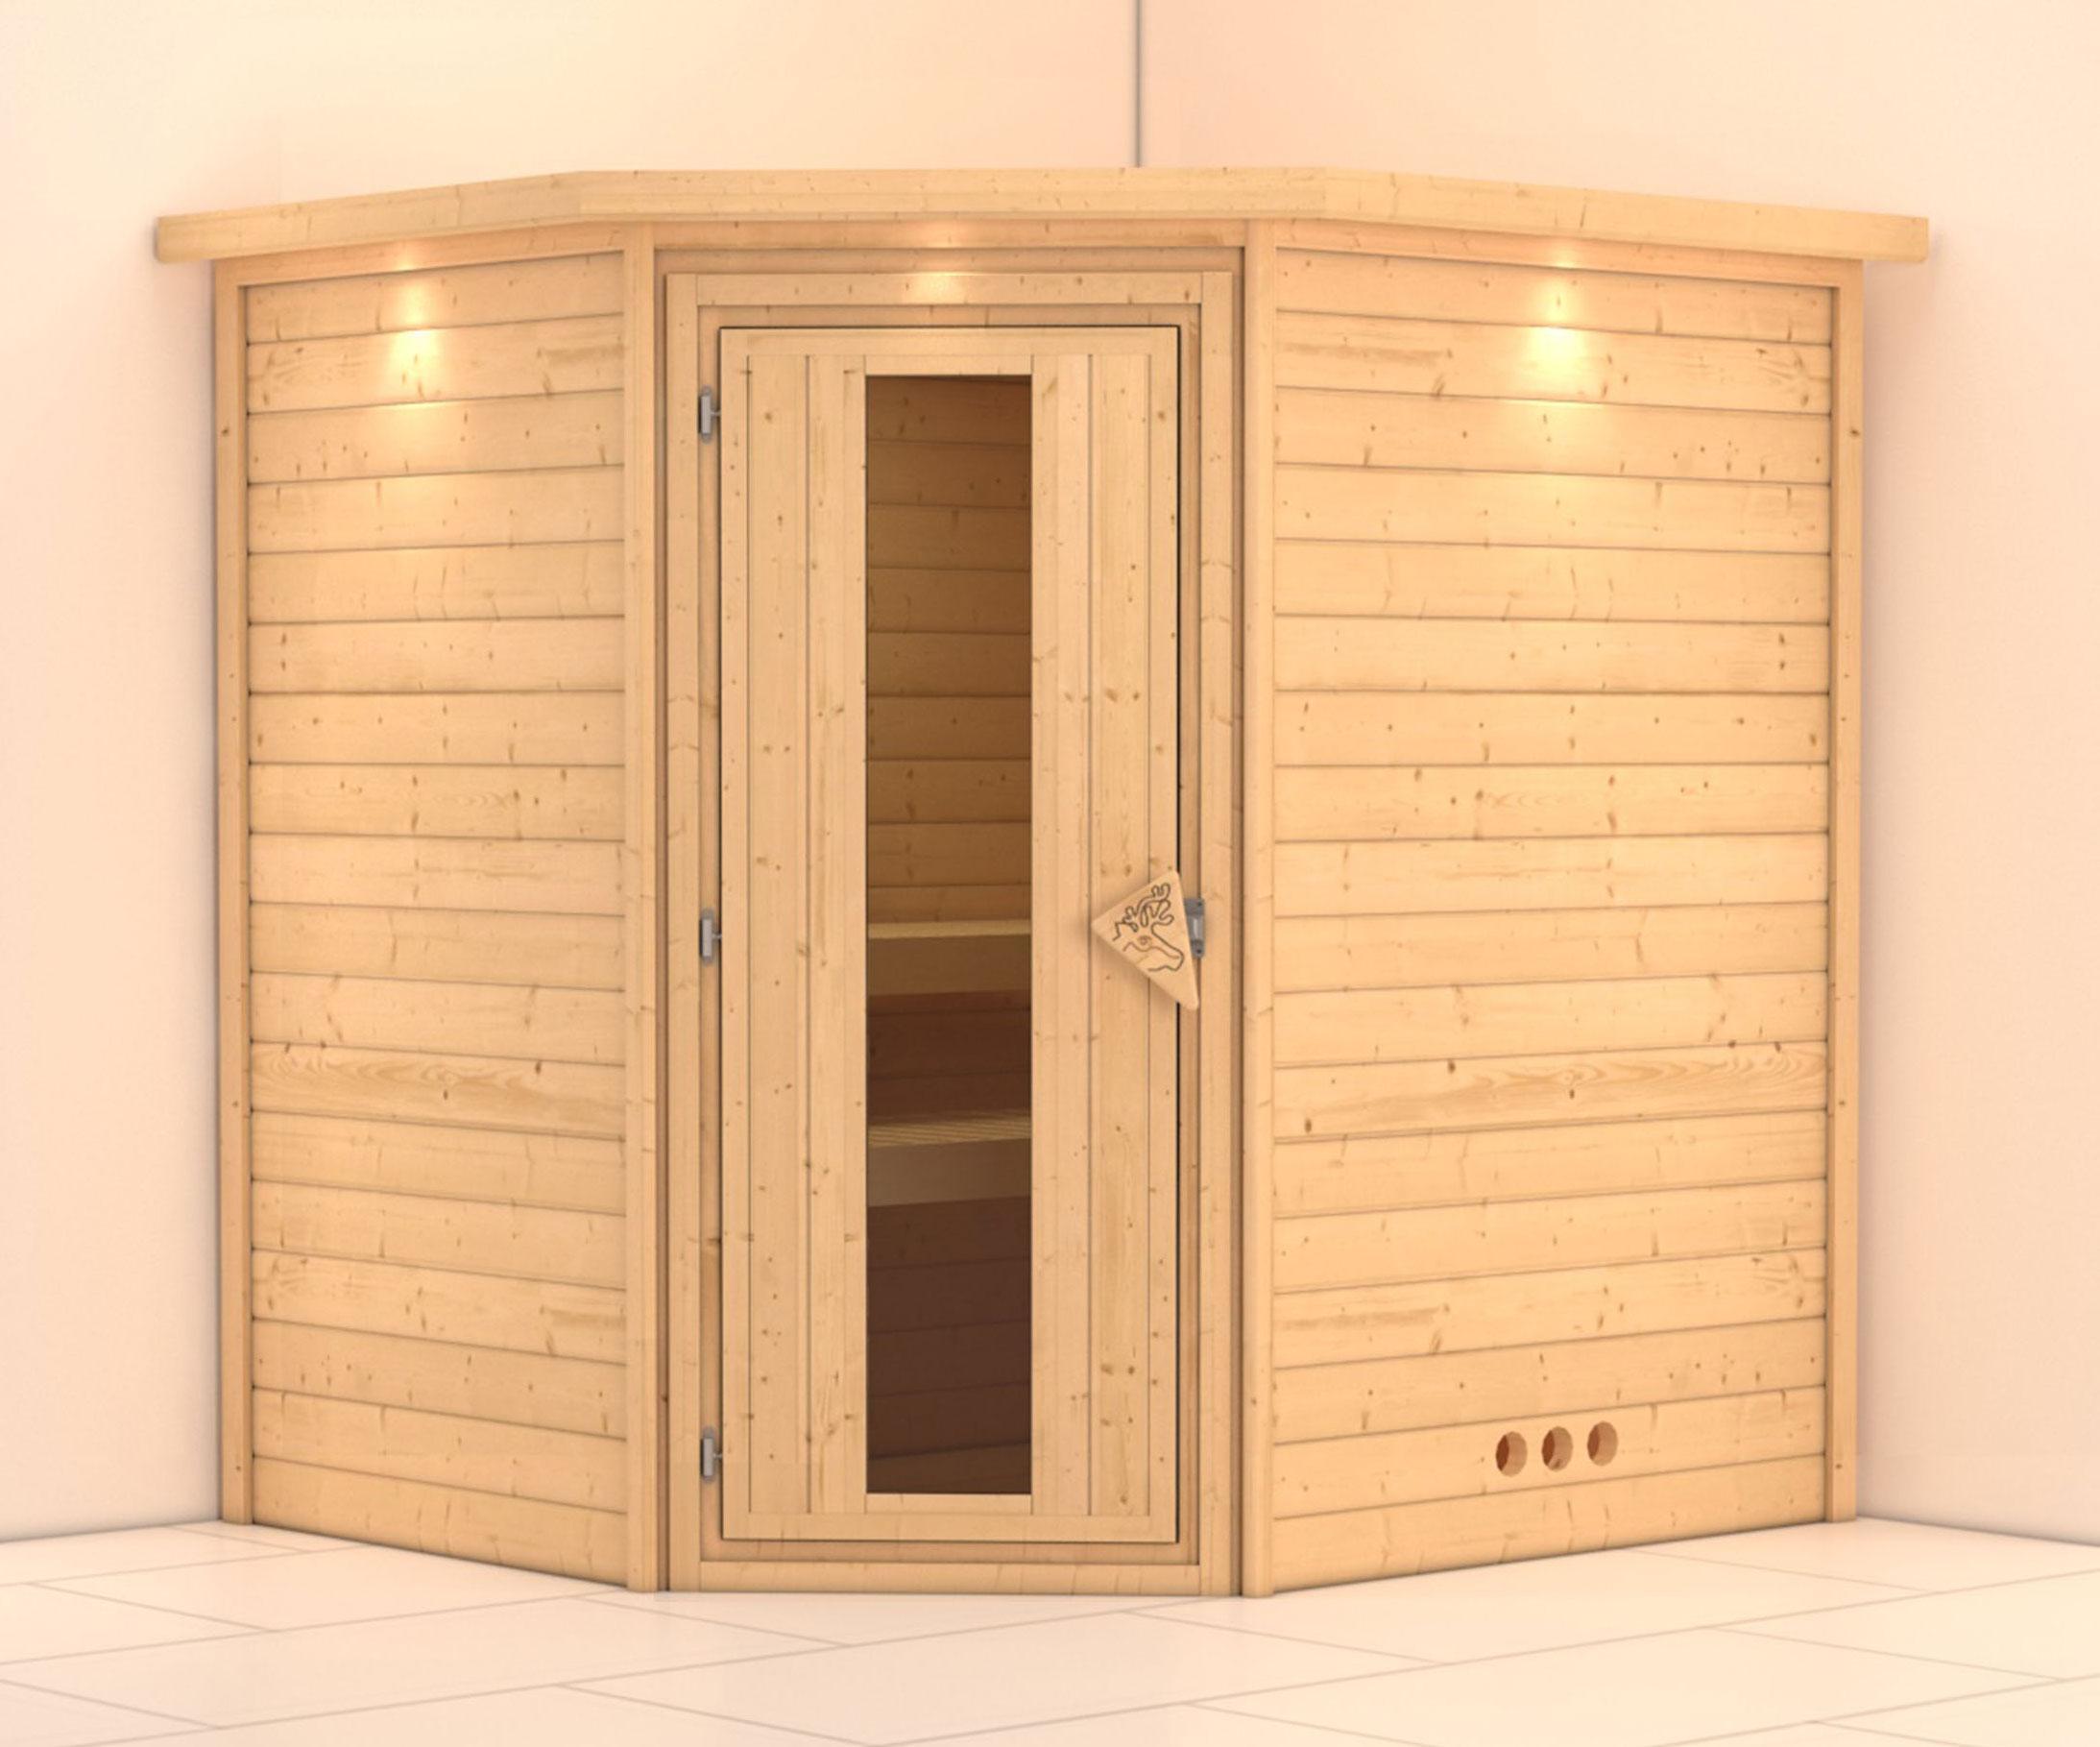 massivholzsauna ecksauna mia esp 38mm mit dachkranz ohne saunaofen bei. Black Bedroom Furniture Sets. Home Design Ideas